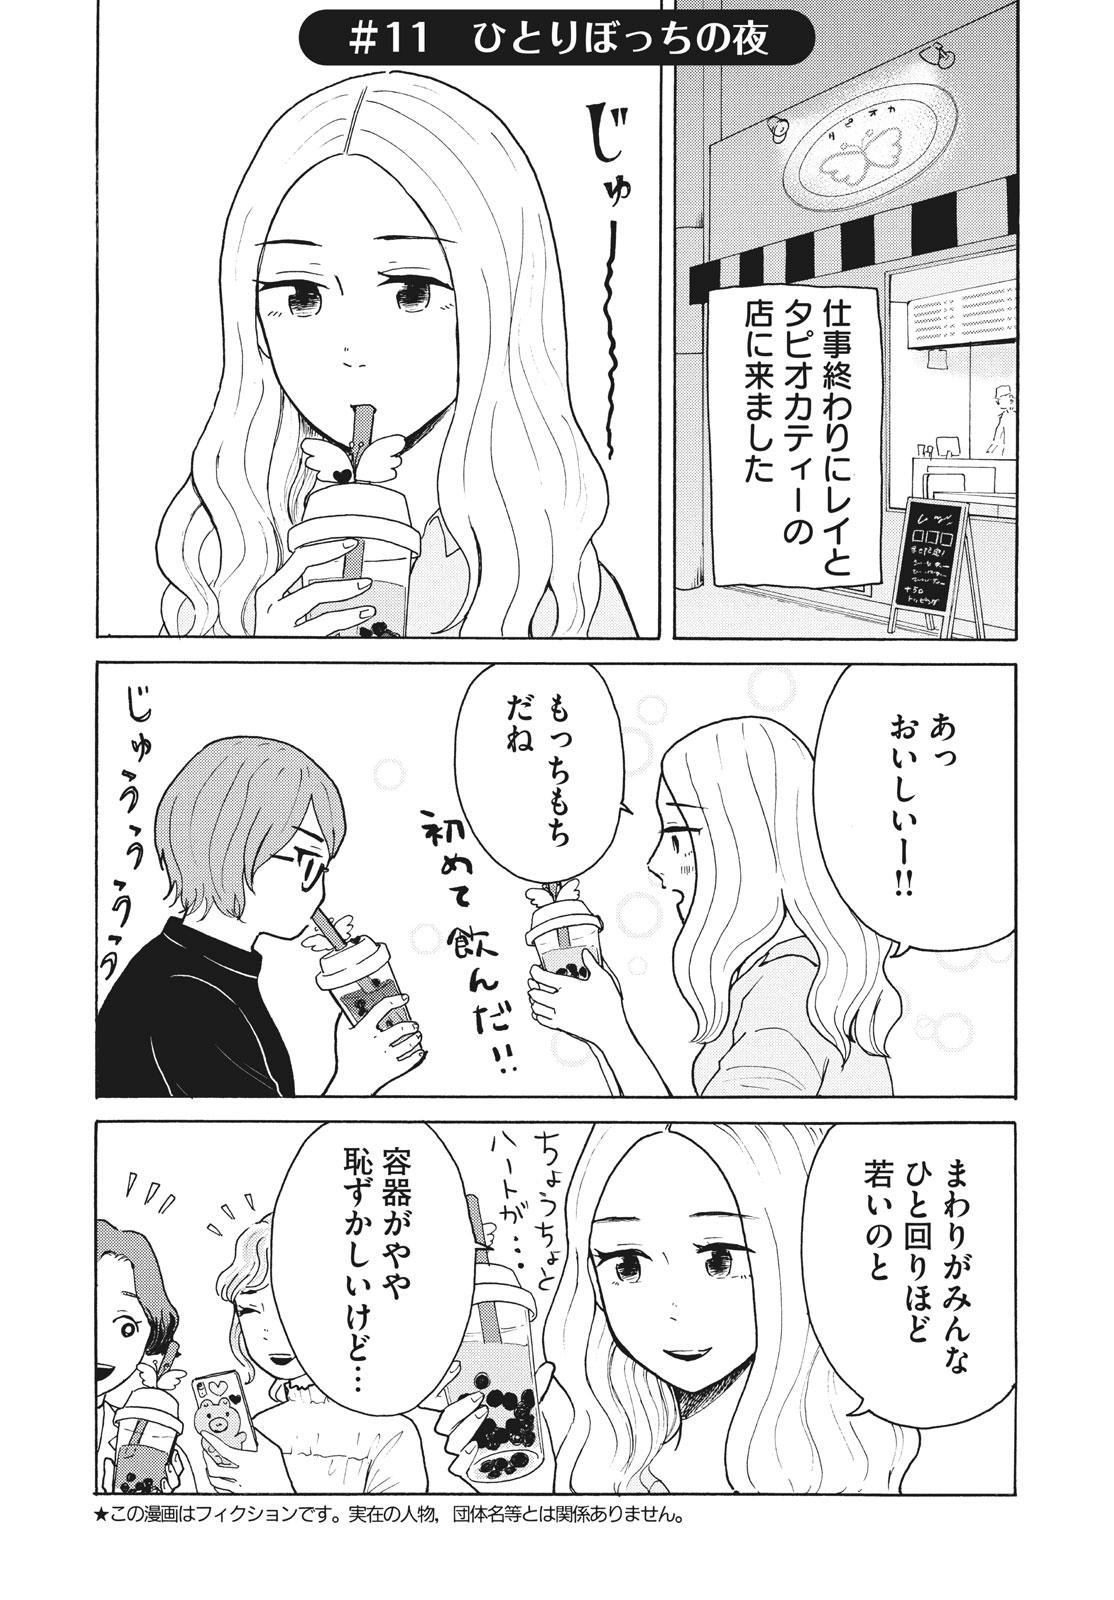 001_30日_2020_011_E.jpg